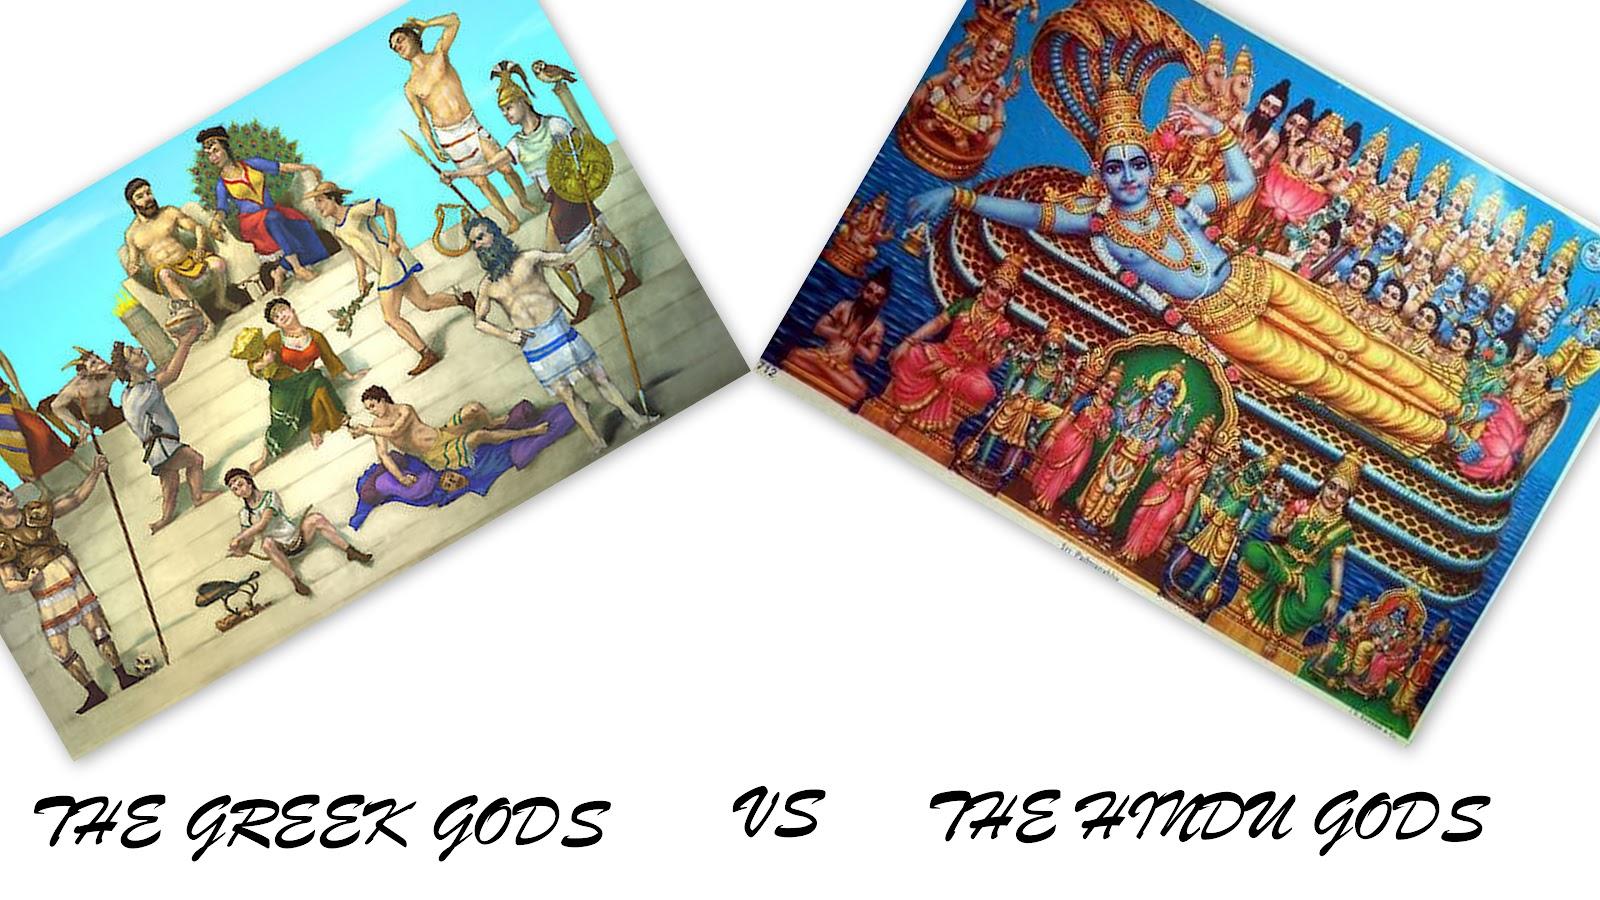 hindu mythology vs greek mythology on emaze